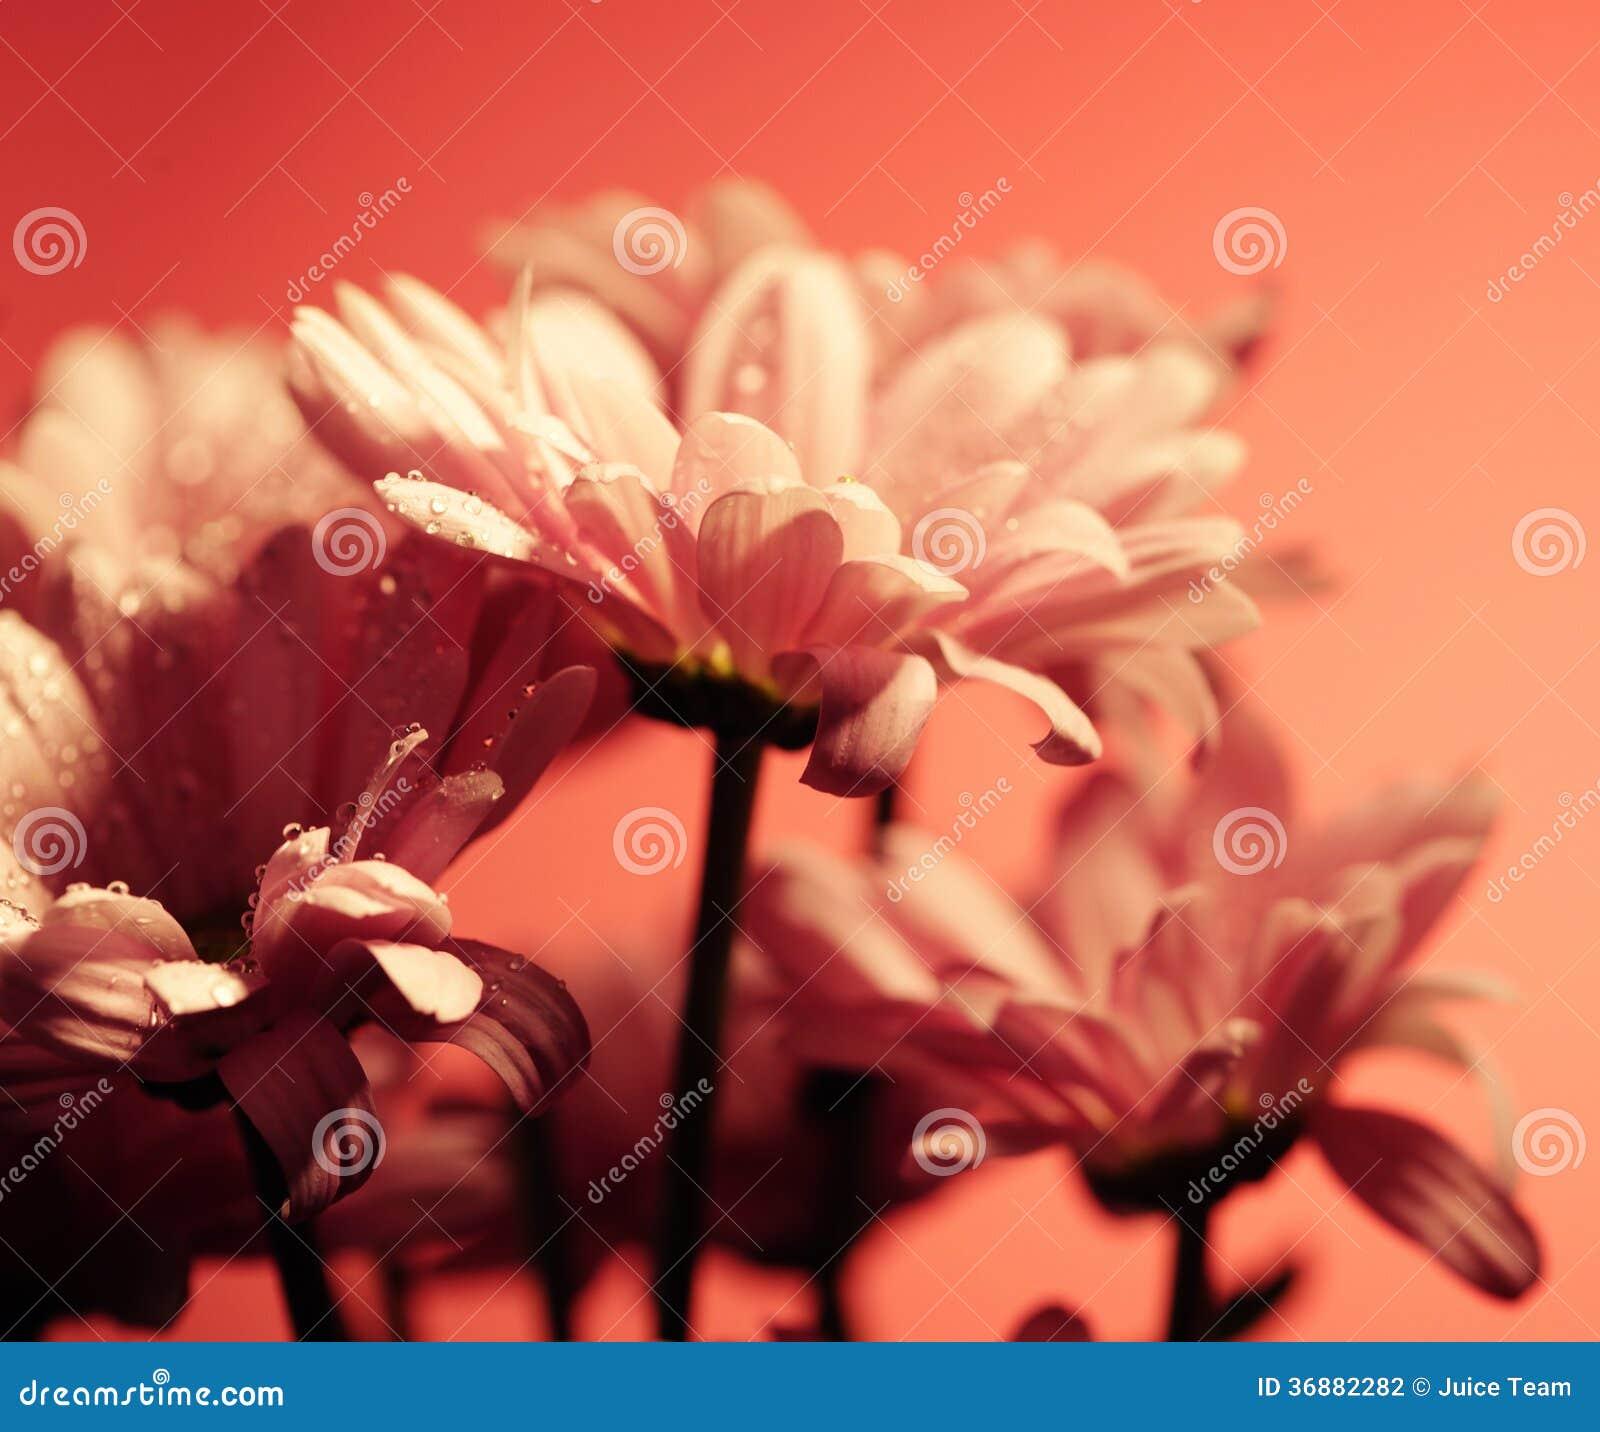 Download Fiori rosa del crisantemo fotografia stock. Immagine di fragilità - 36882282